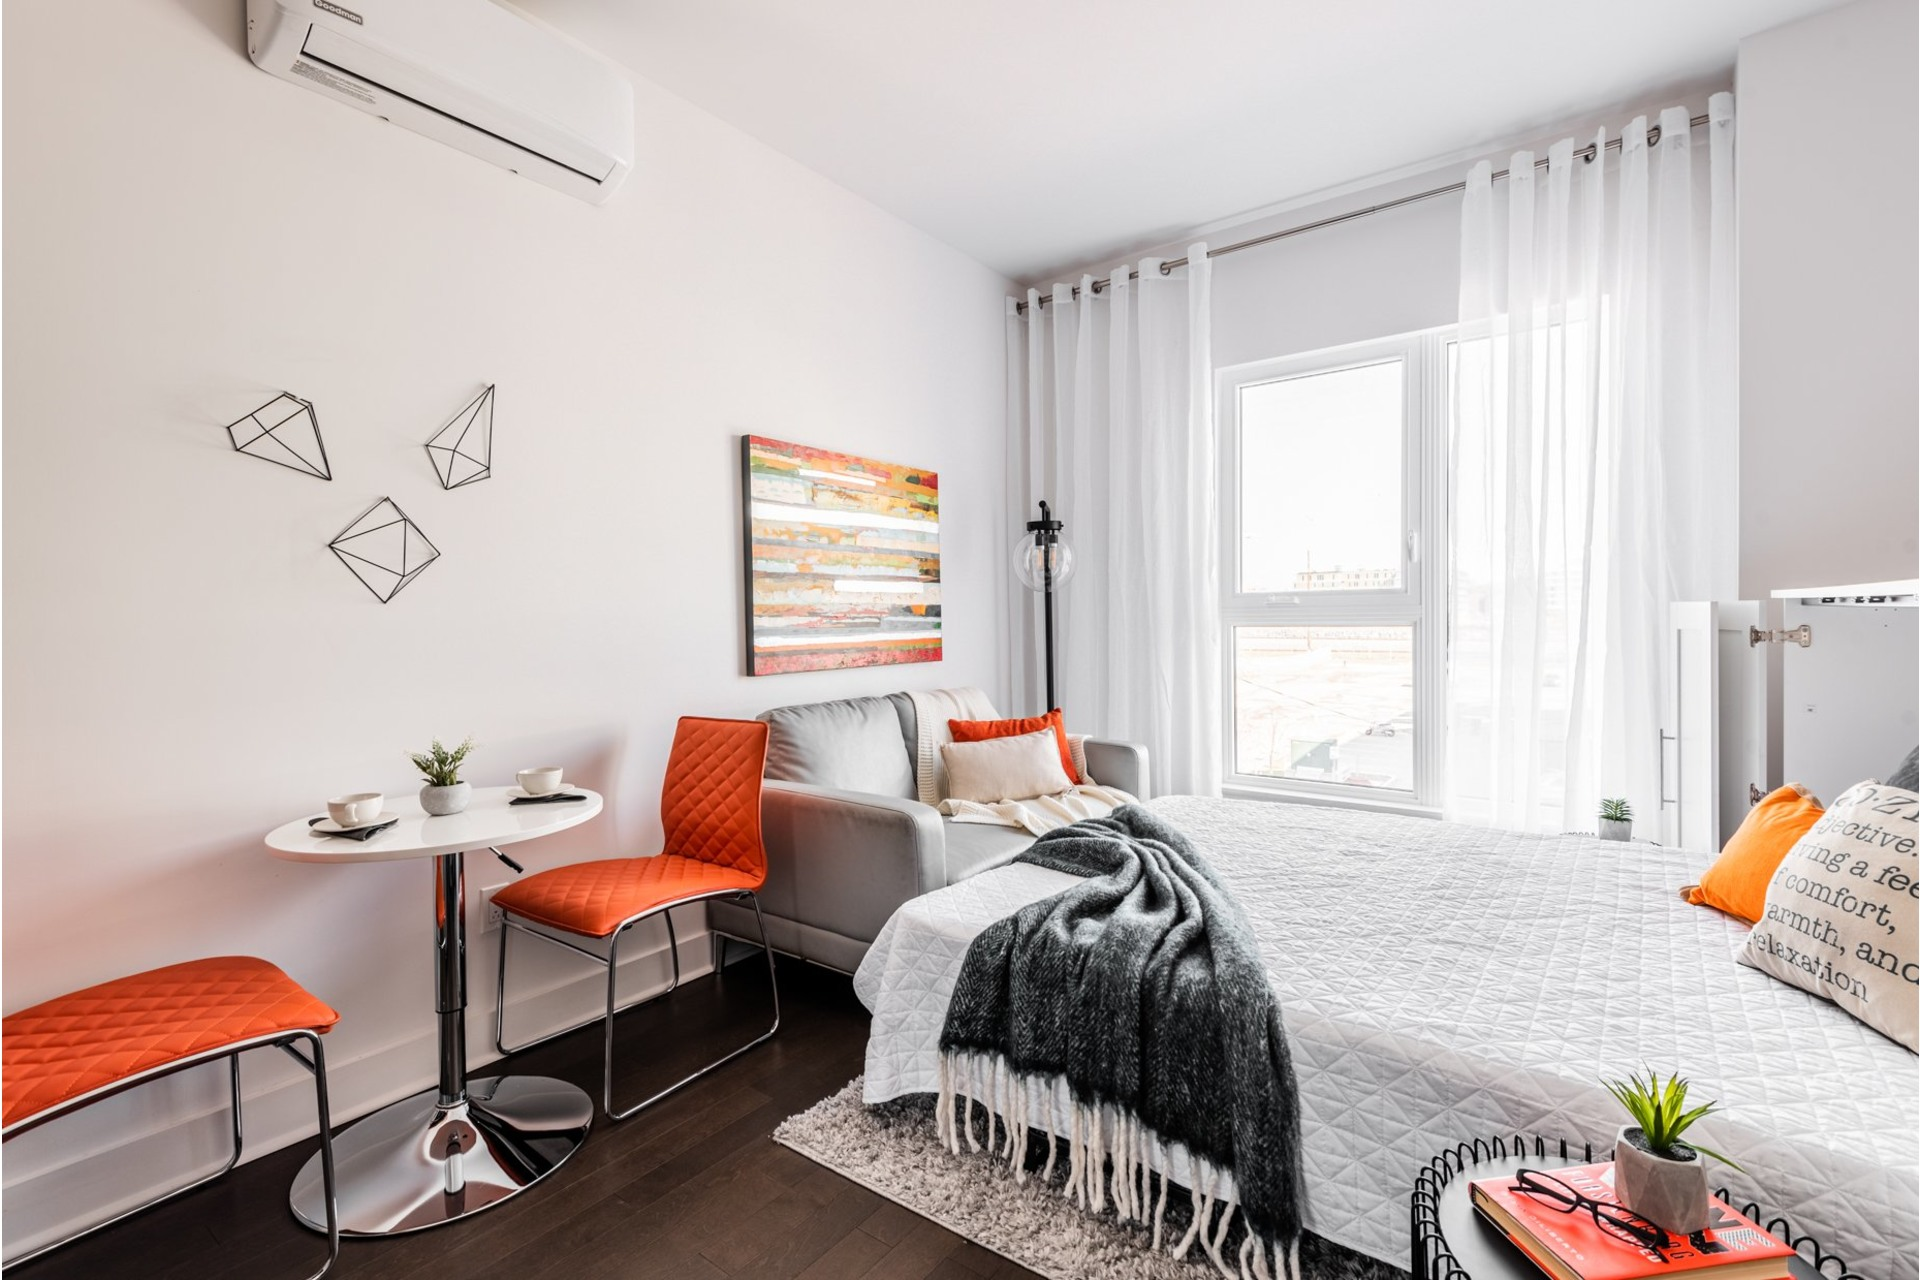 image 11 - Appartement À vendre Villeray/Saint-Michel/Parc-Extension Montréal  - 3 pièces